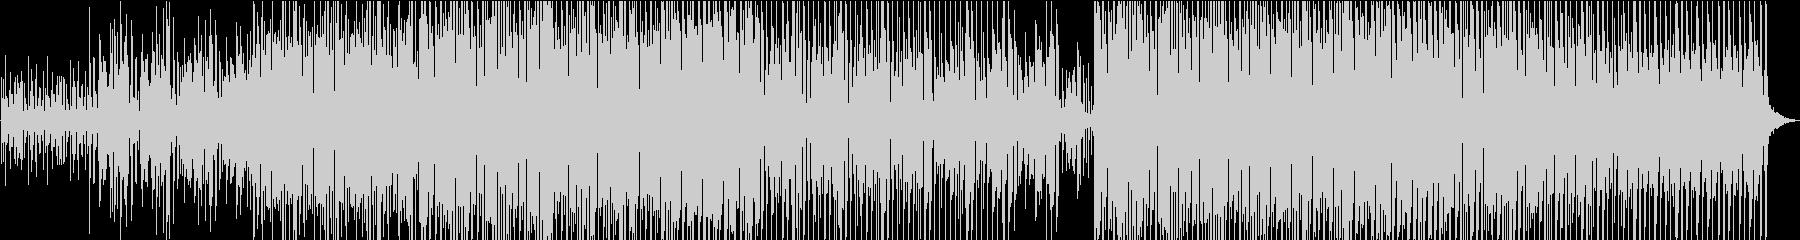 ボーカルフック、非常に深いサウンド...の未再生の波形